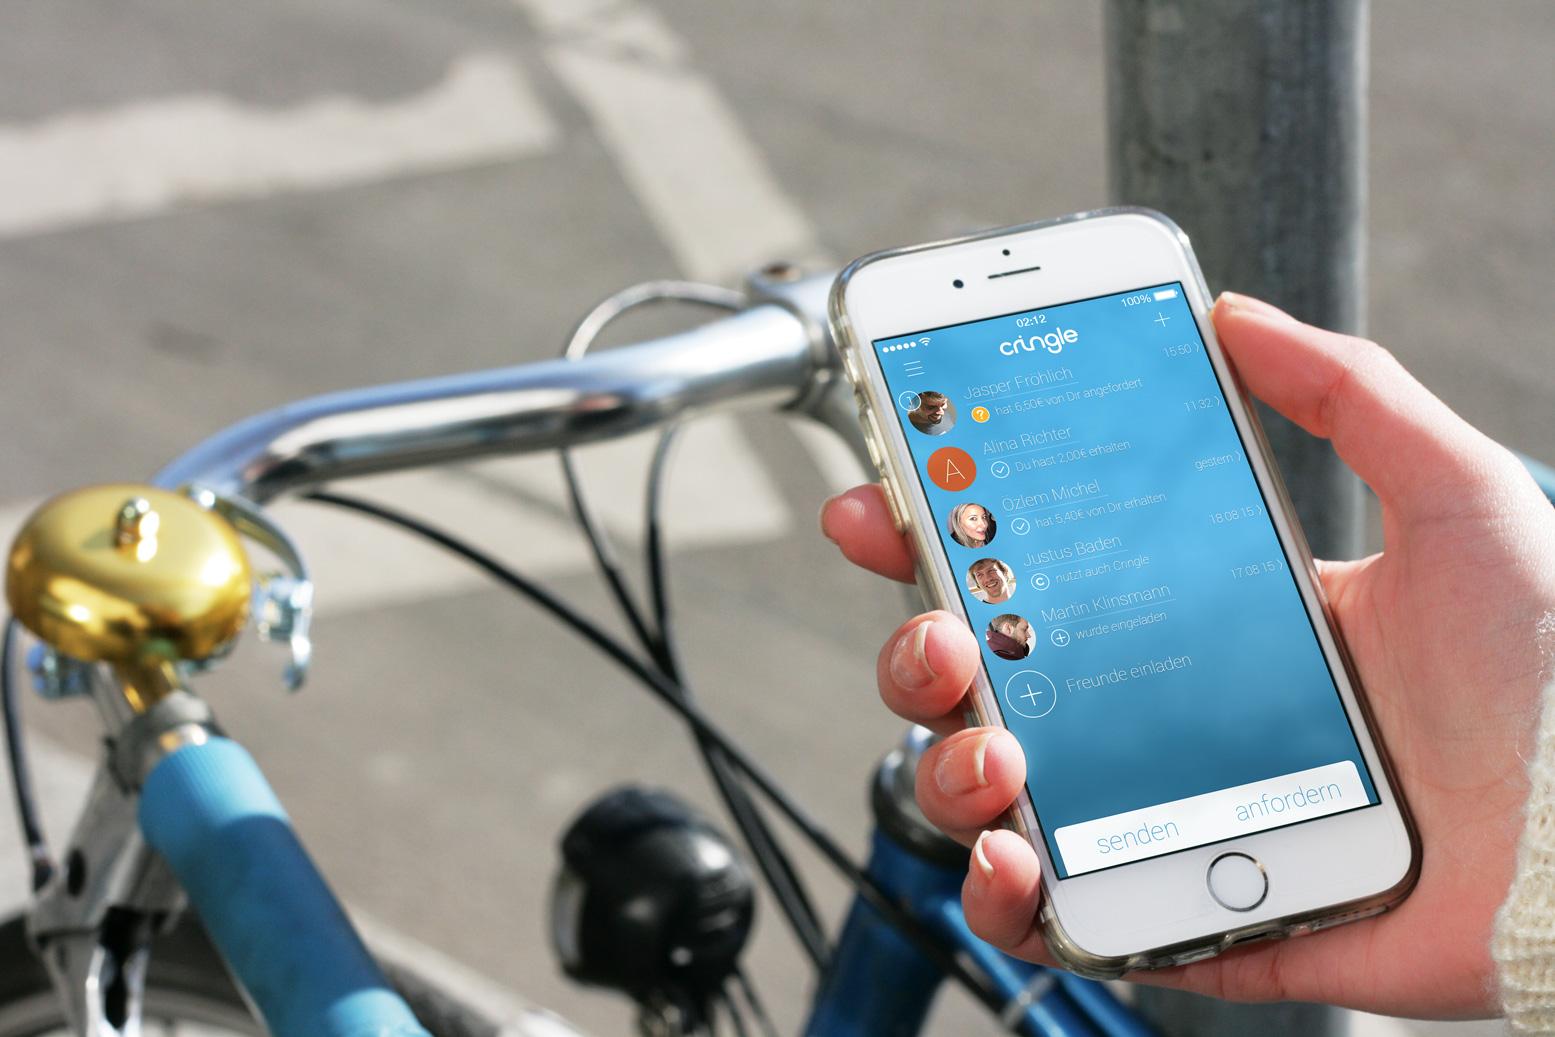 Geld lässt sich bequem über die Handynummer versenden (Bild: Cringle.net).